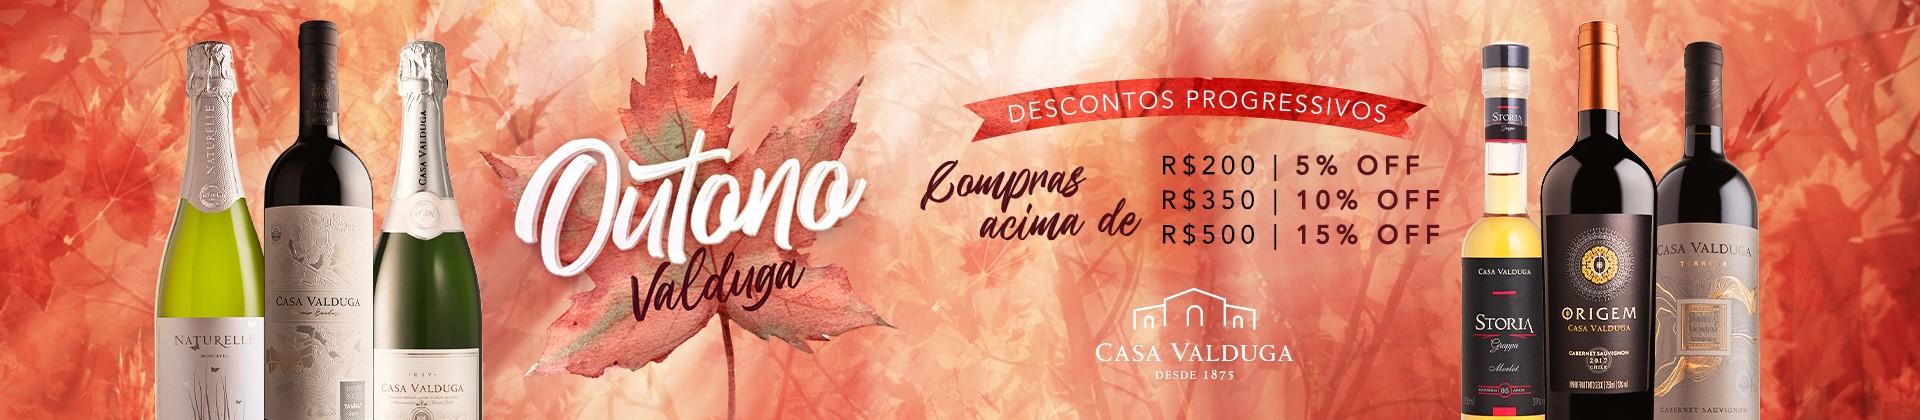 Banner principal Desconto progressivo Outono - Casa Valduga